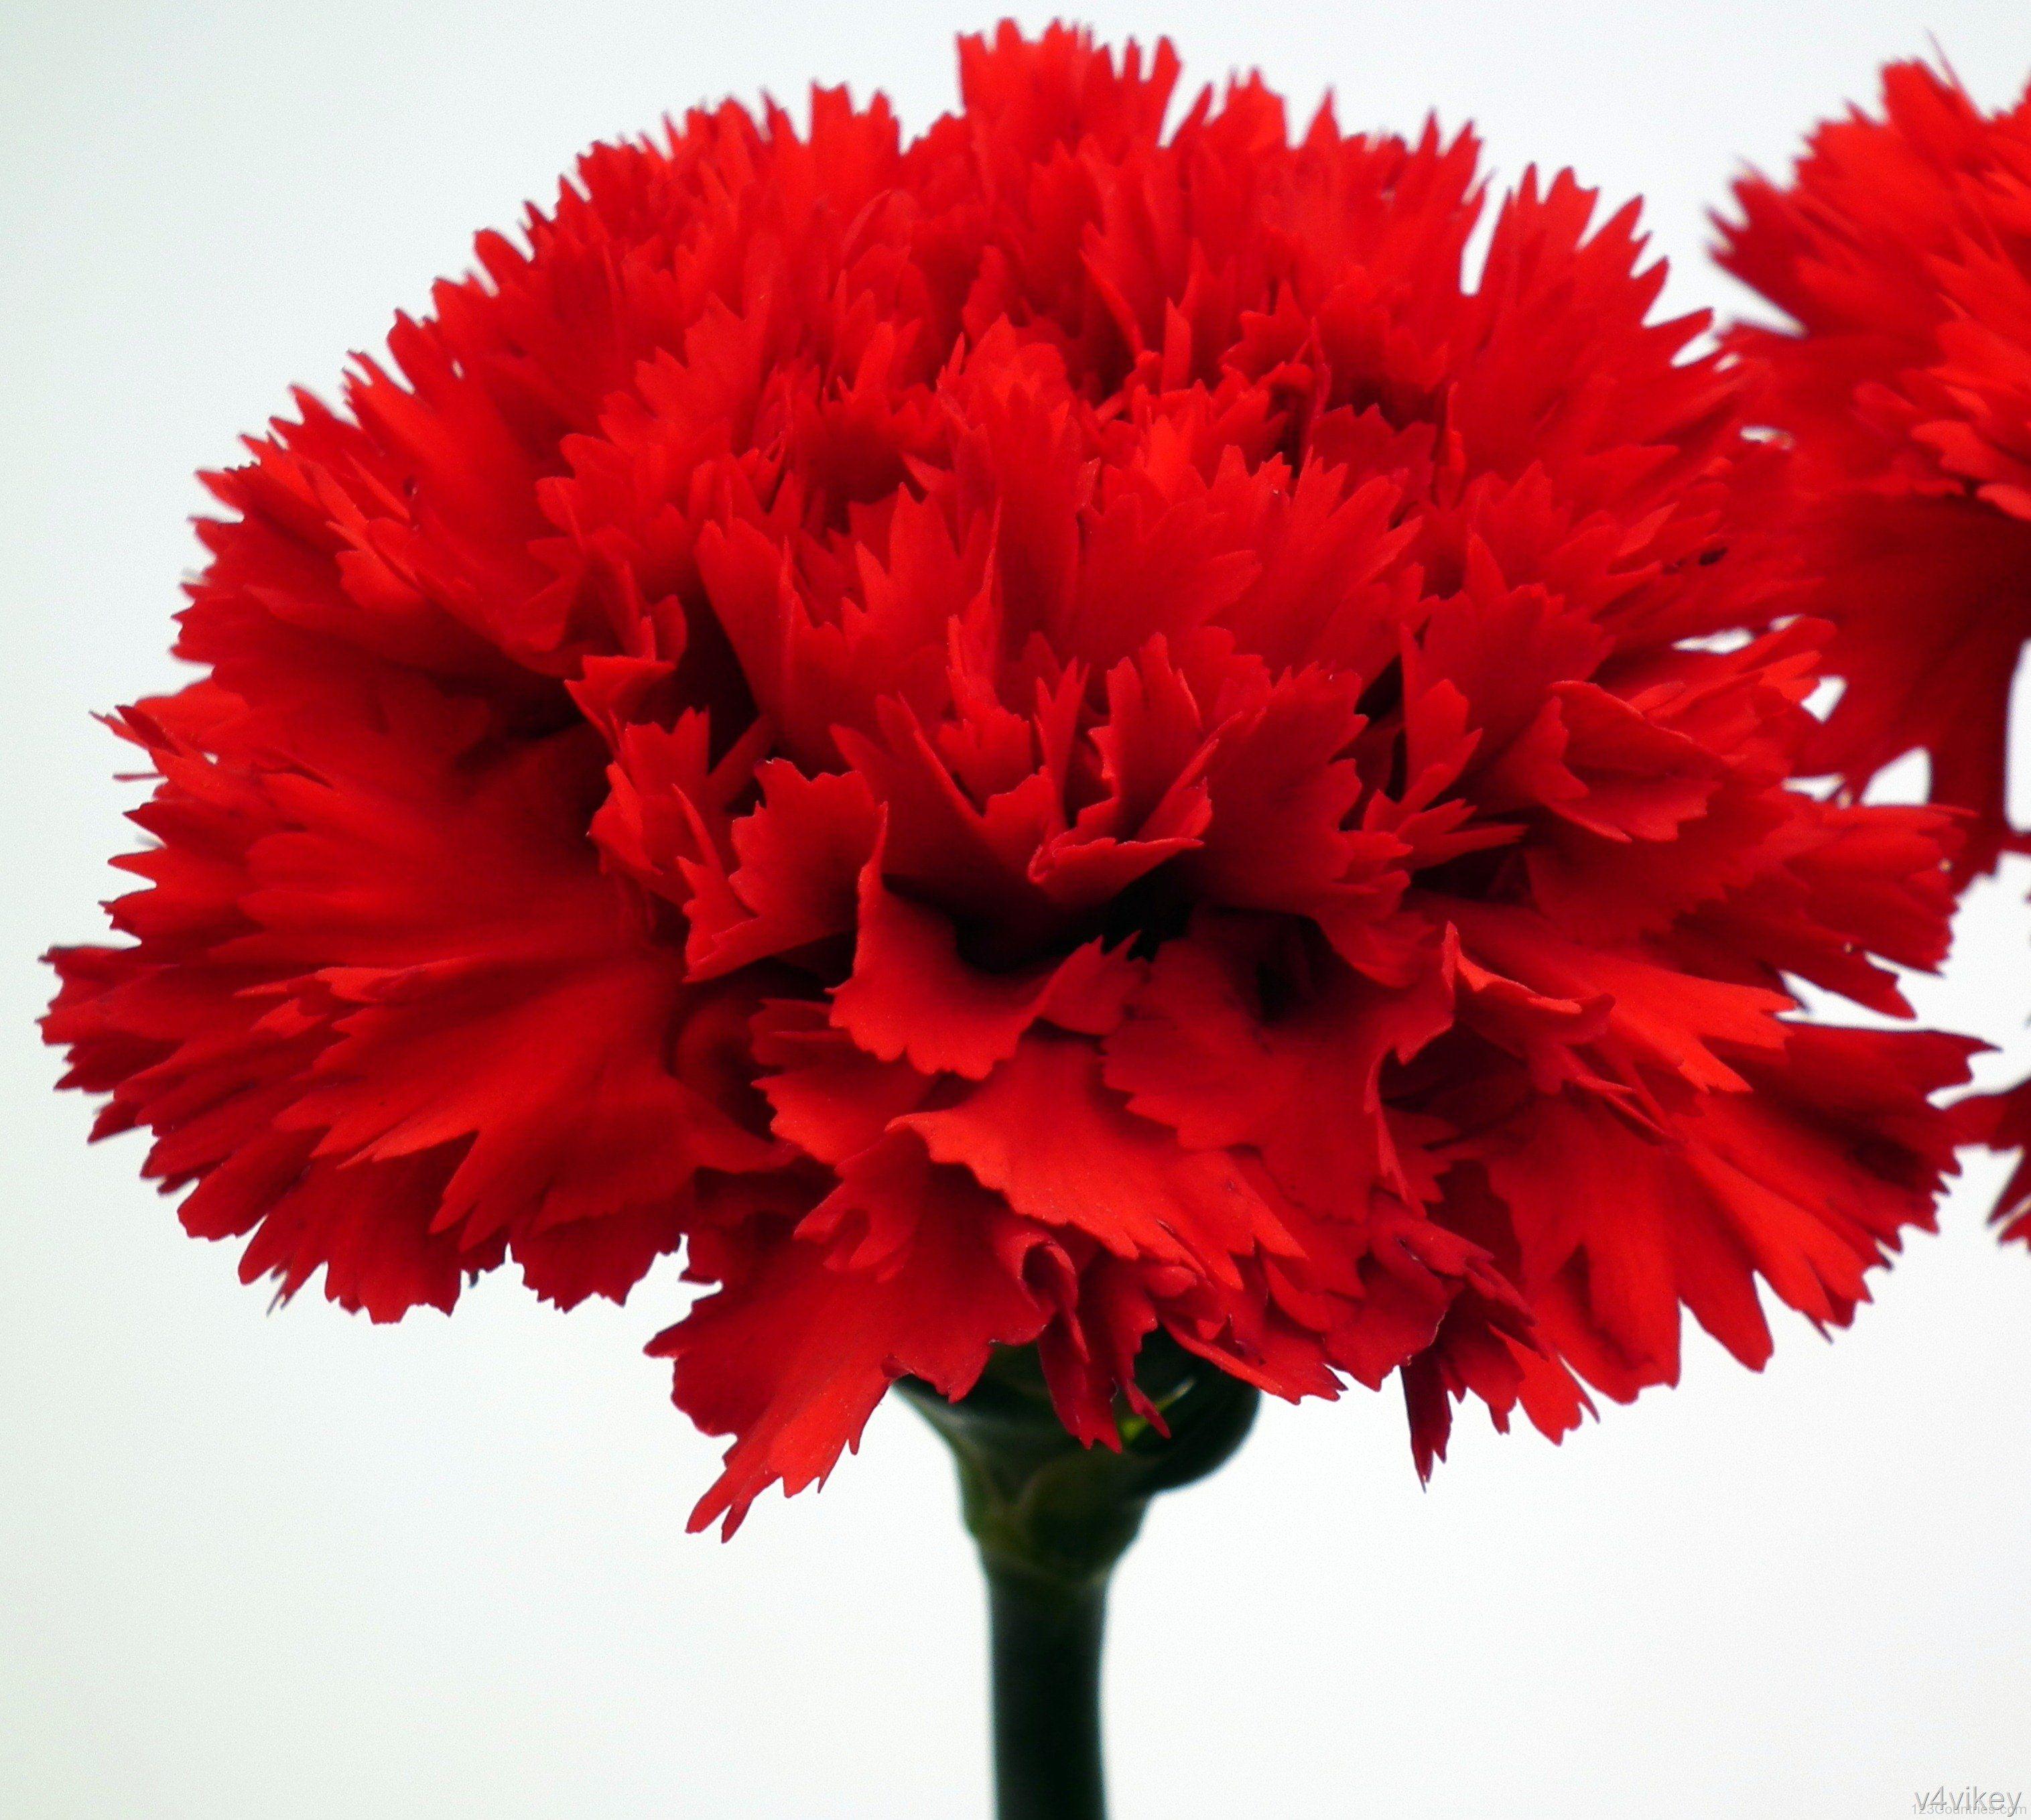 Red Carnation National Flower Of Spain Flower Seeds Online Carnation Flower Flower Seeds